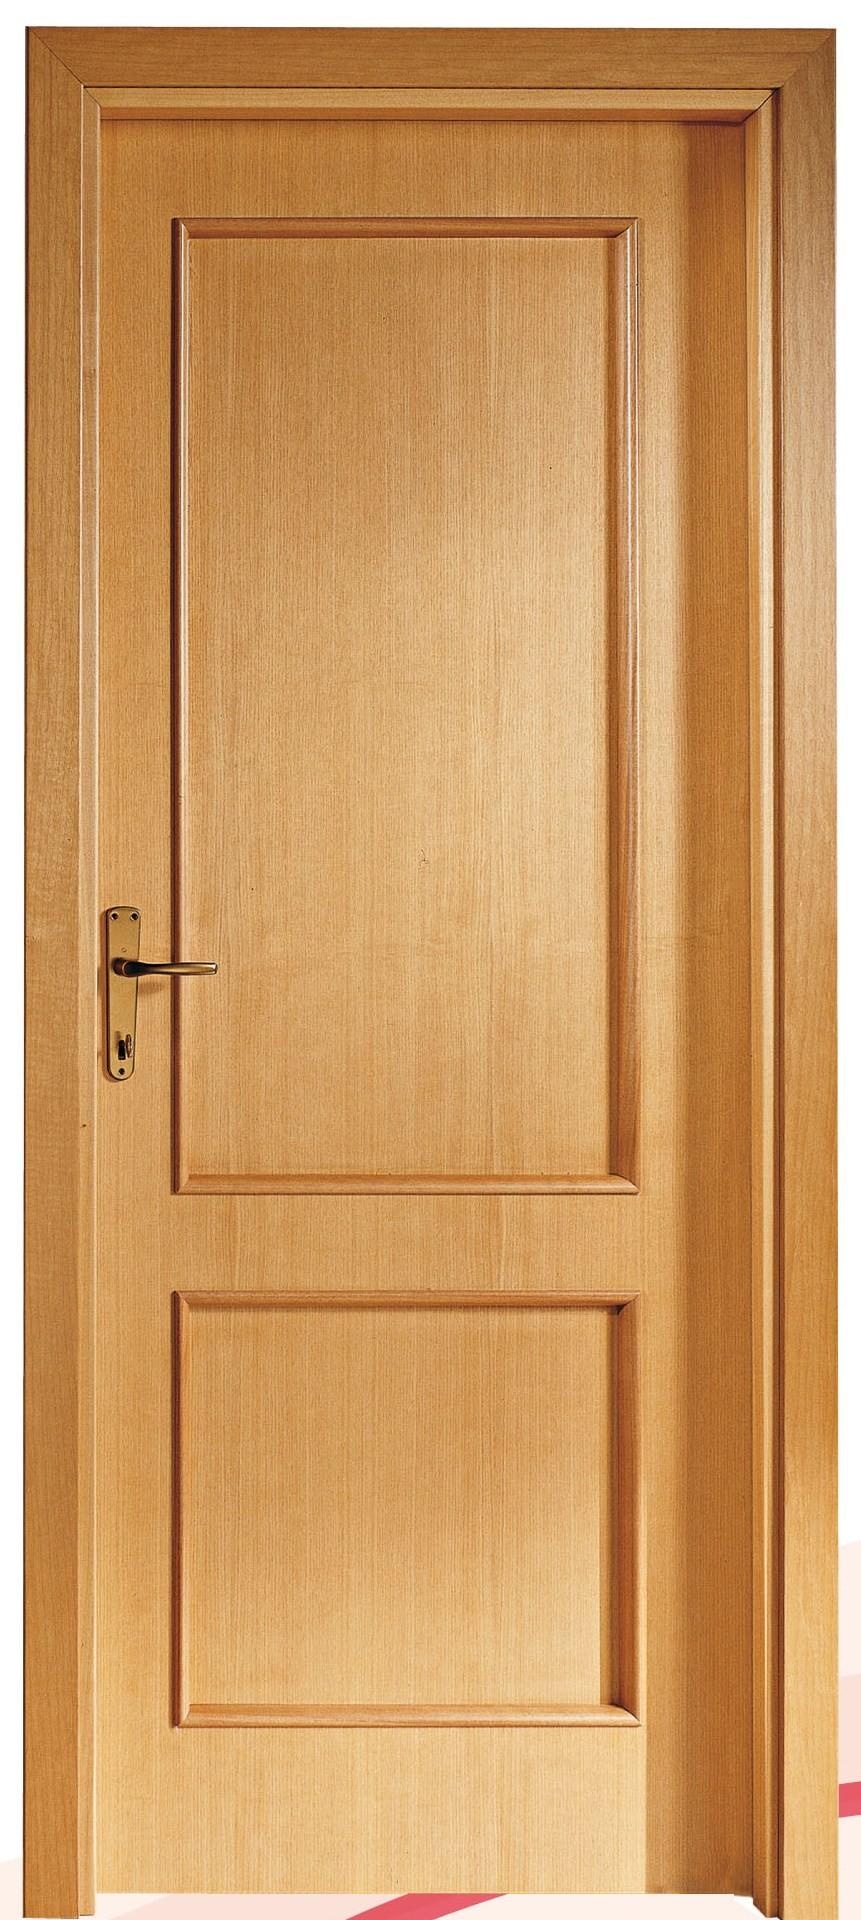 Porte imip petrecca legno naturale chiaro effe emme due - Porte color ciliegio ...